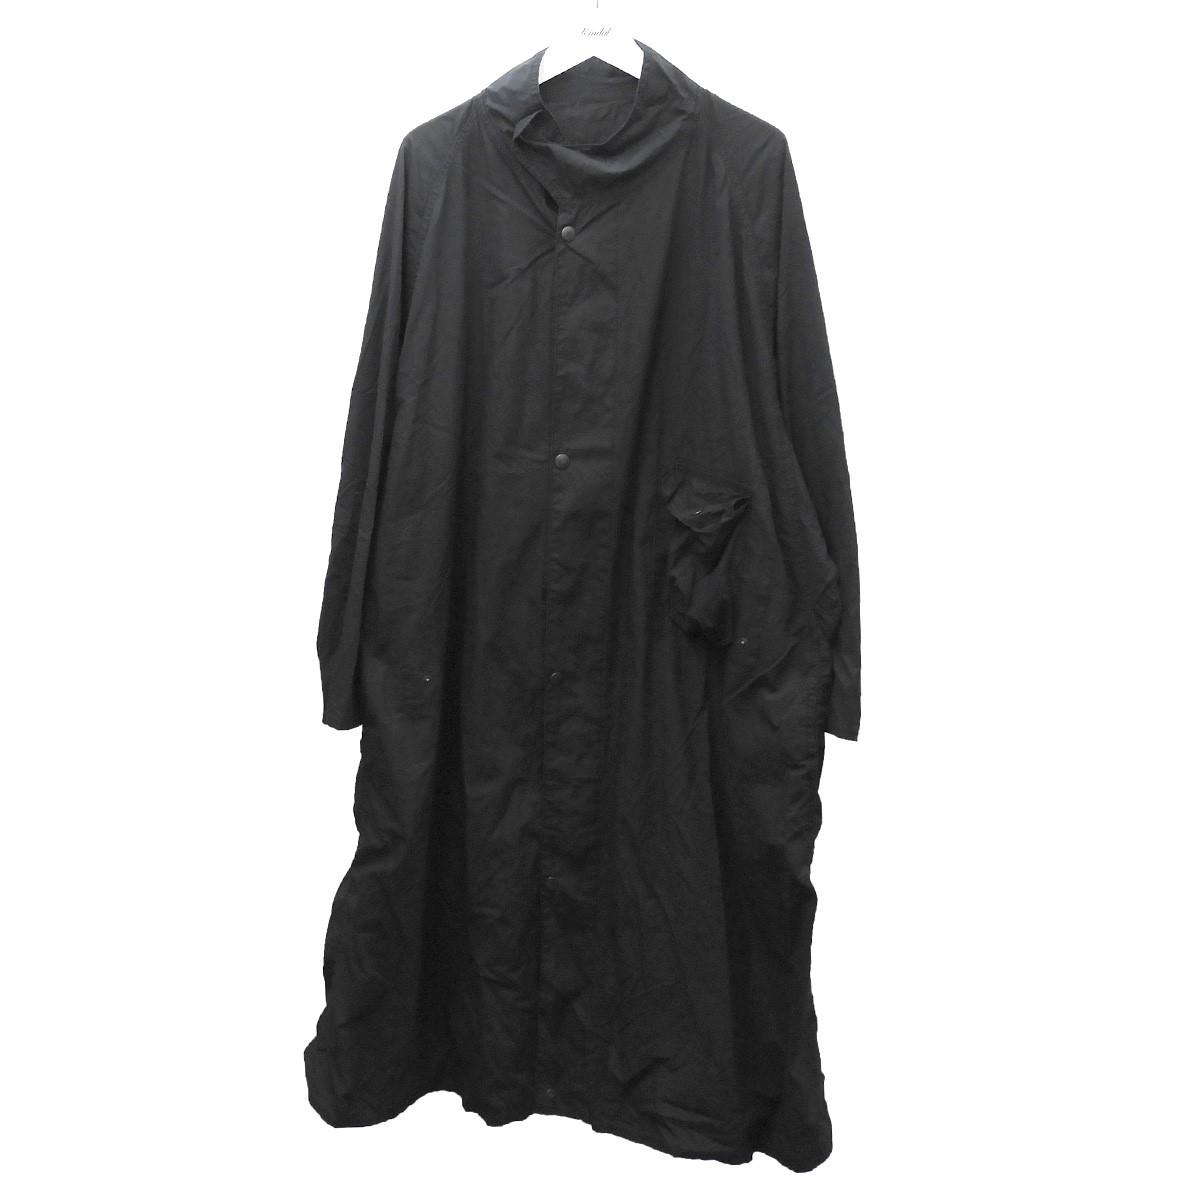 【中古】UNUSED 「Cotton GAS CAPE」コットンロングコート ブラック サイズ:3 【260620】(アンユーズド)